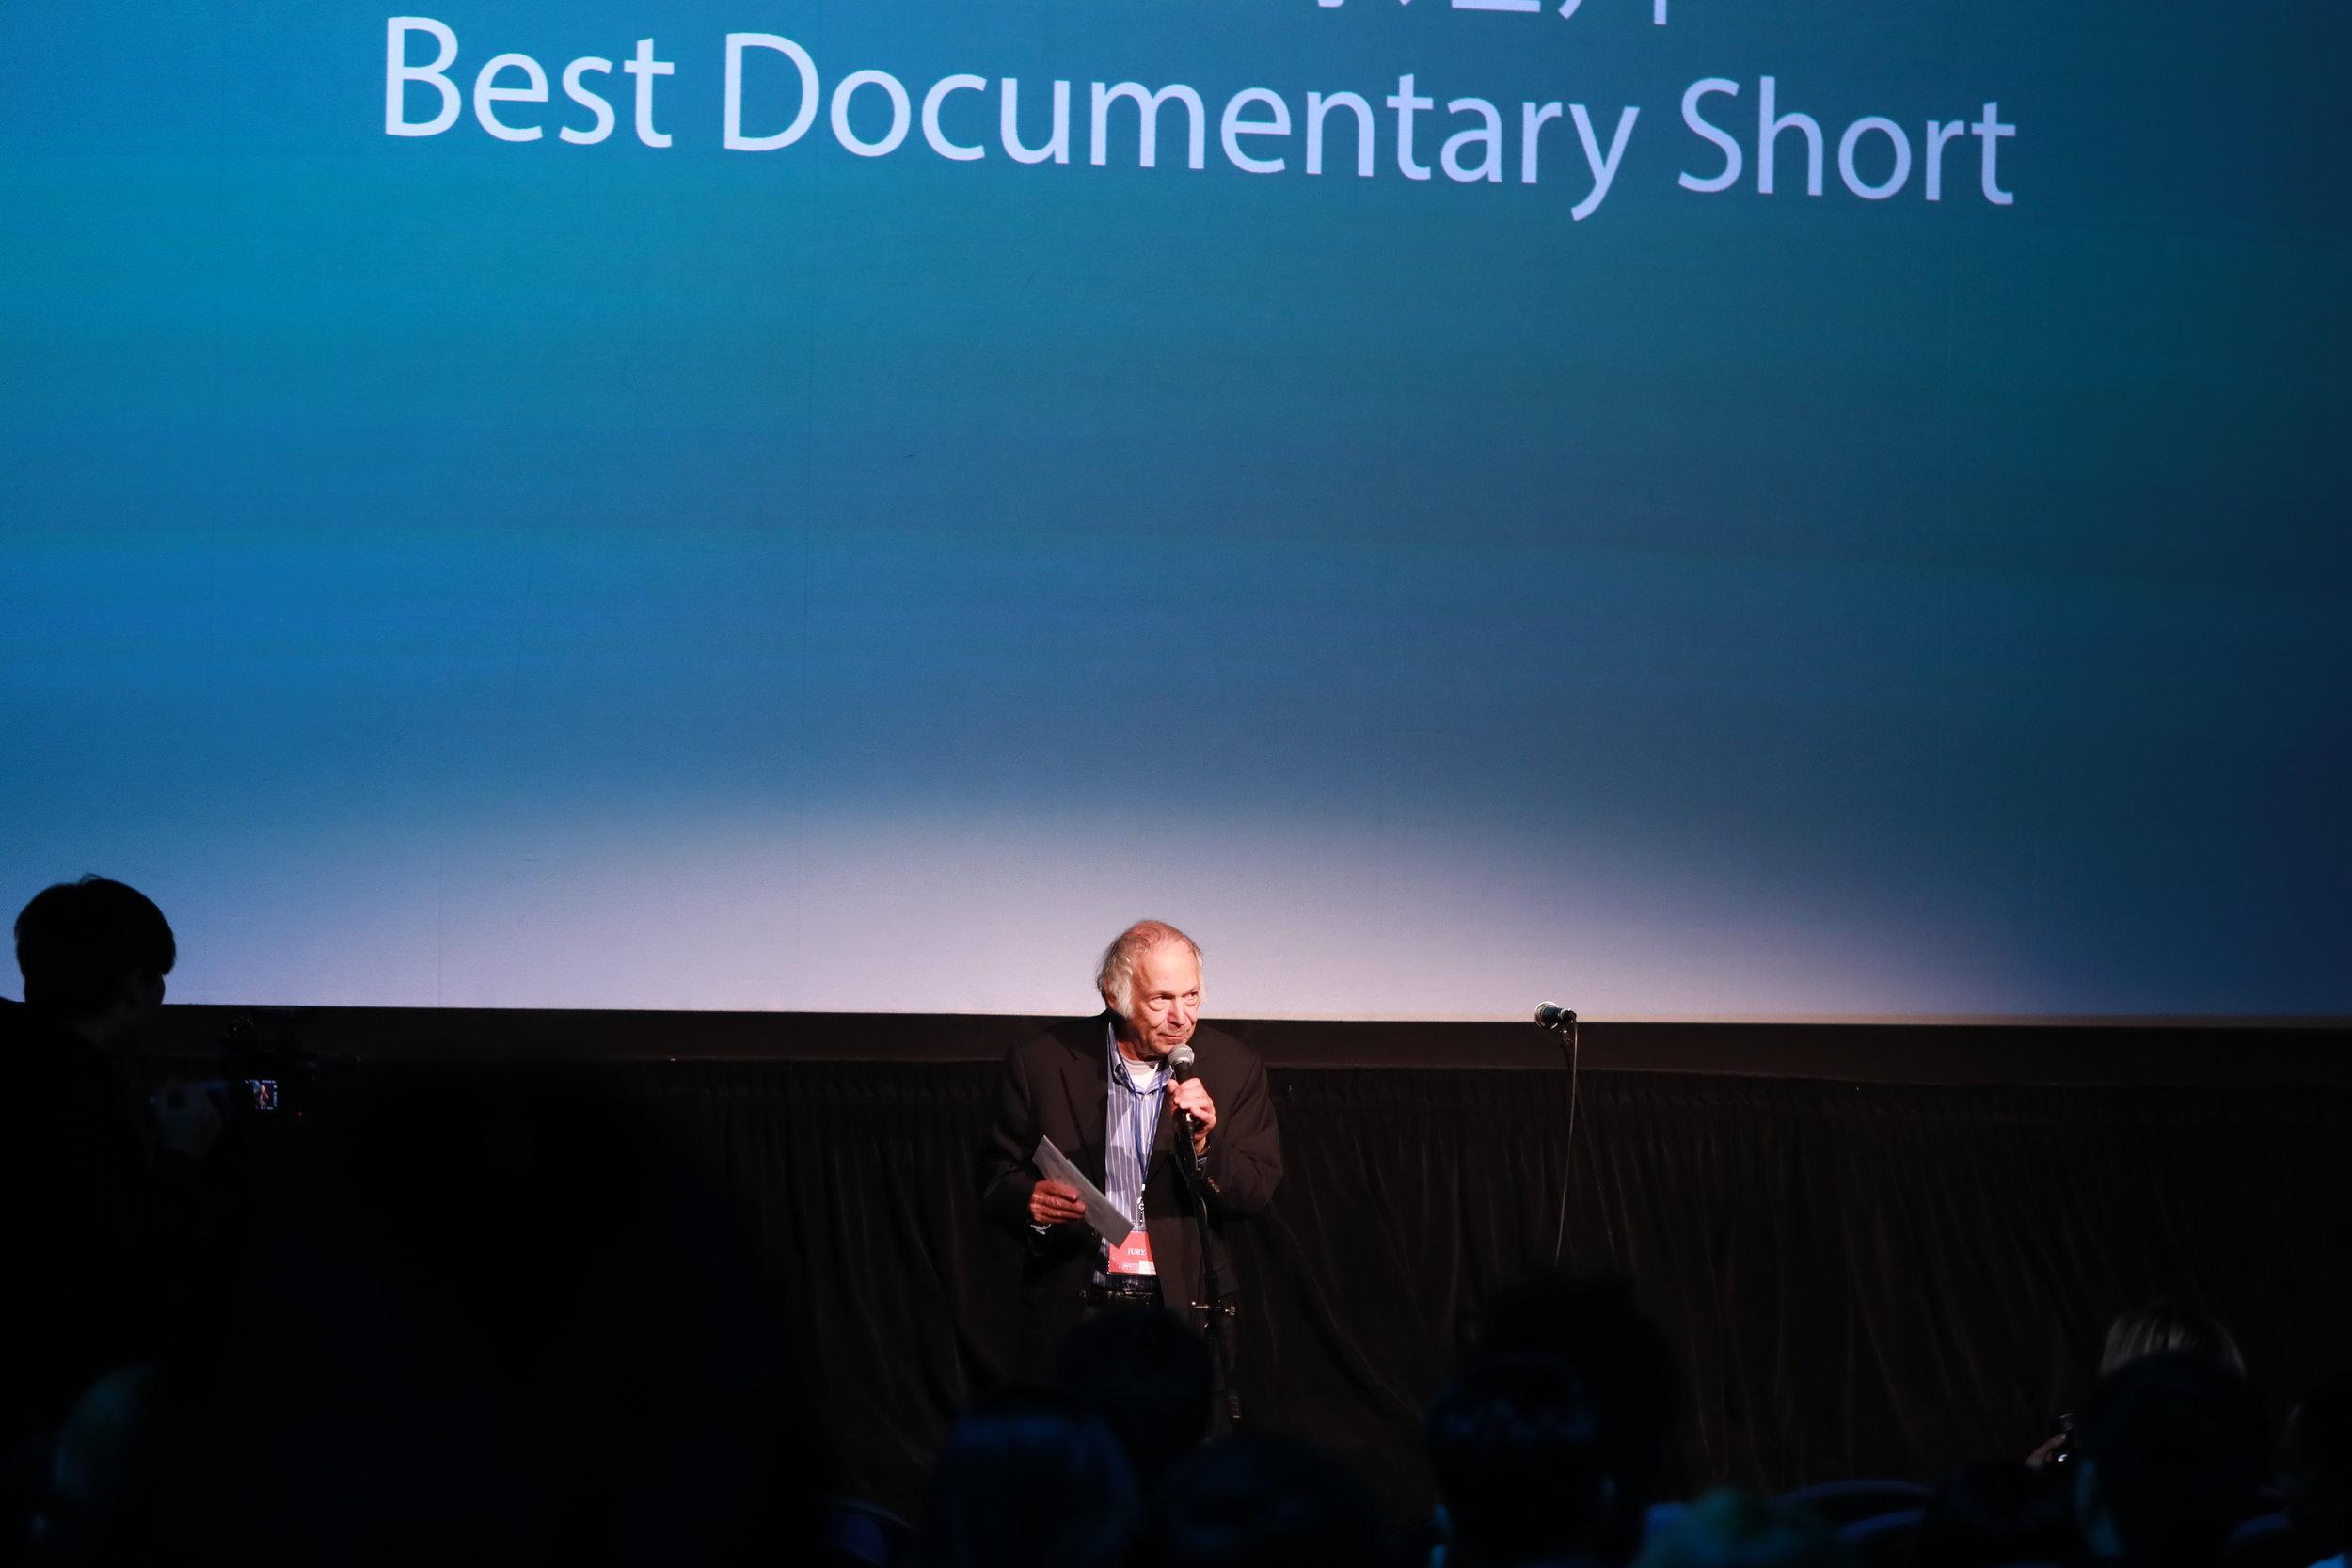 Jury Stanley Rosen presents the Best Documentary Short Award